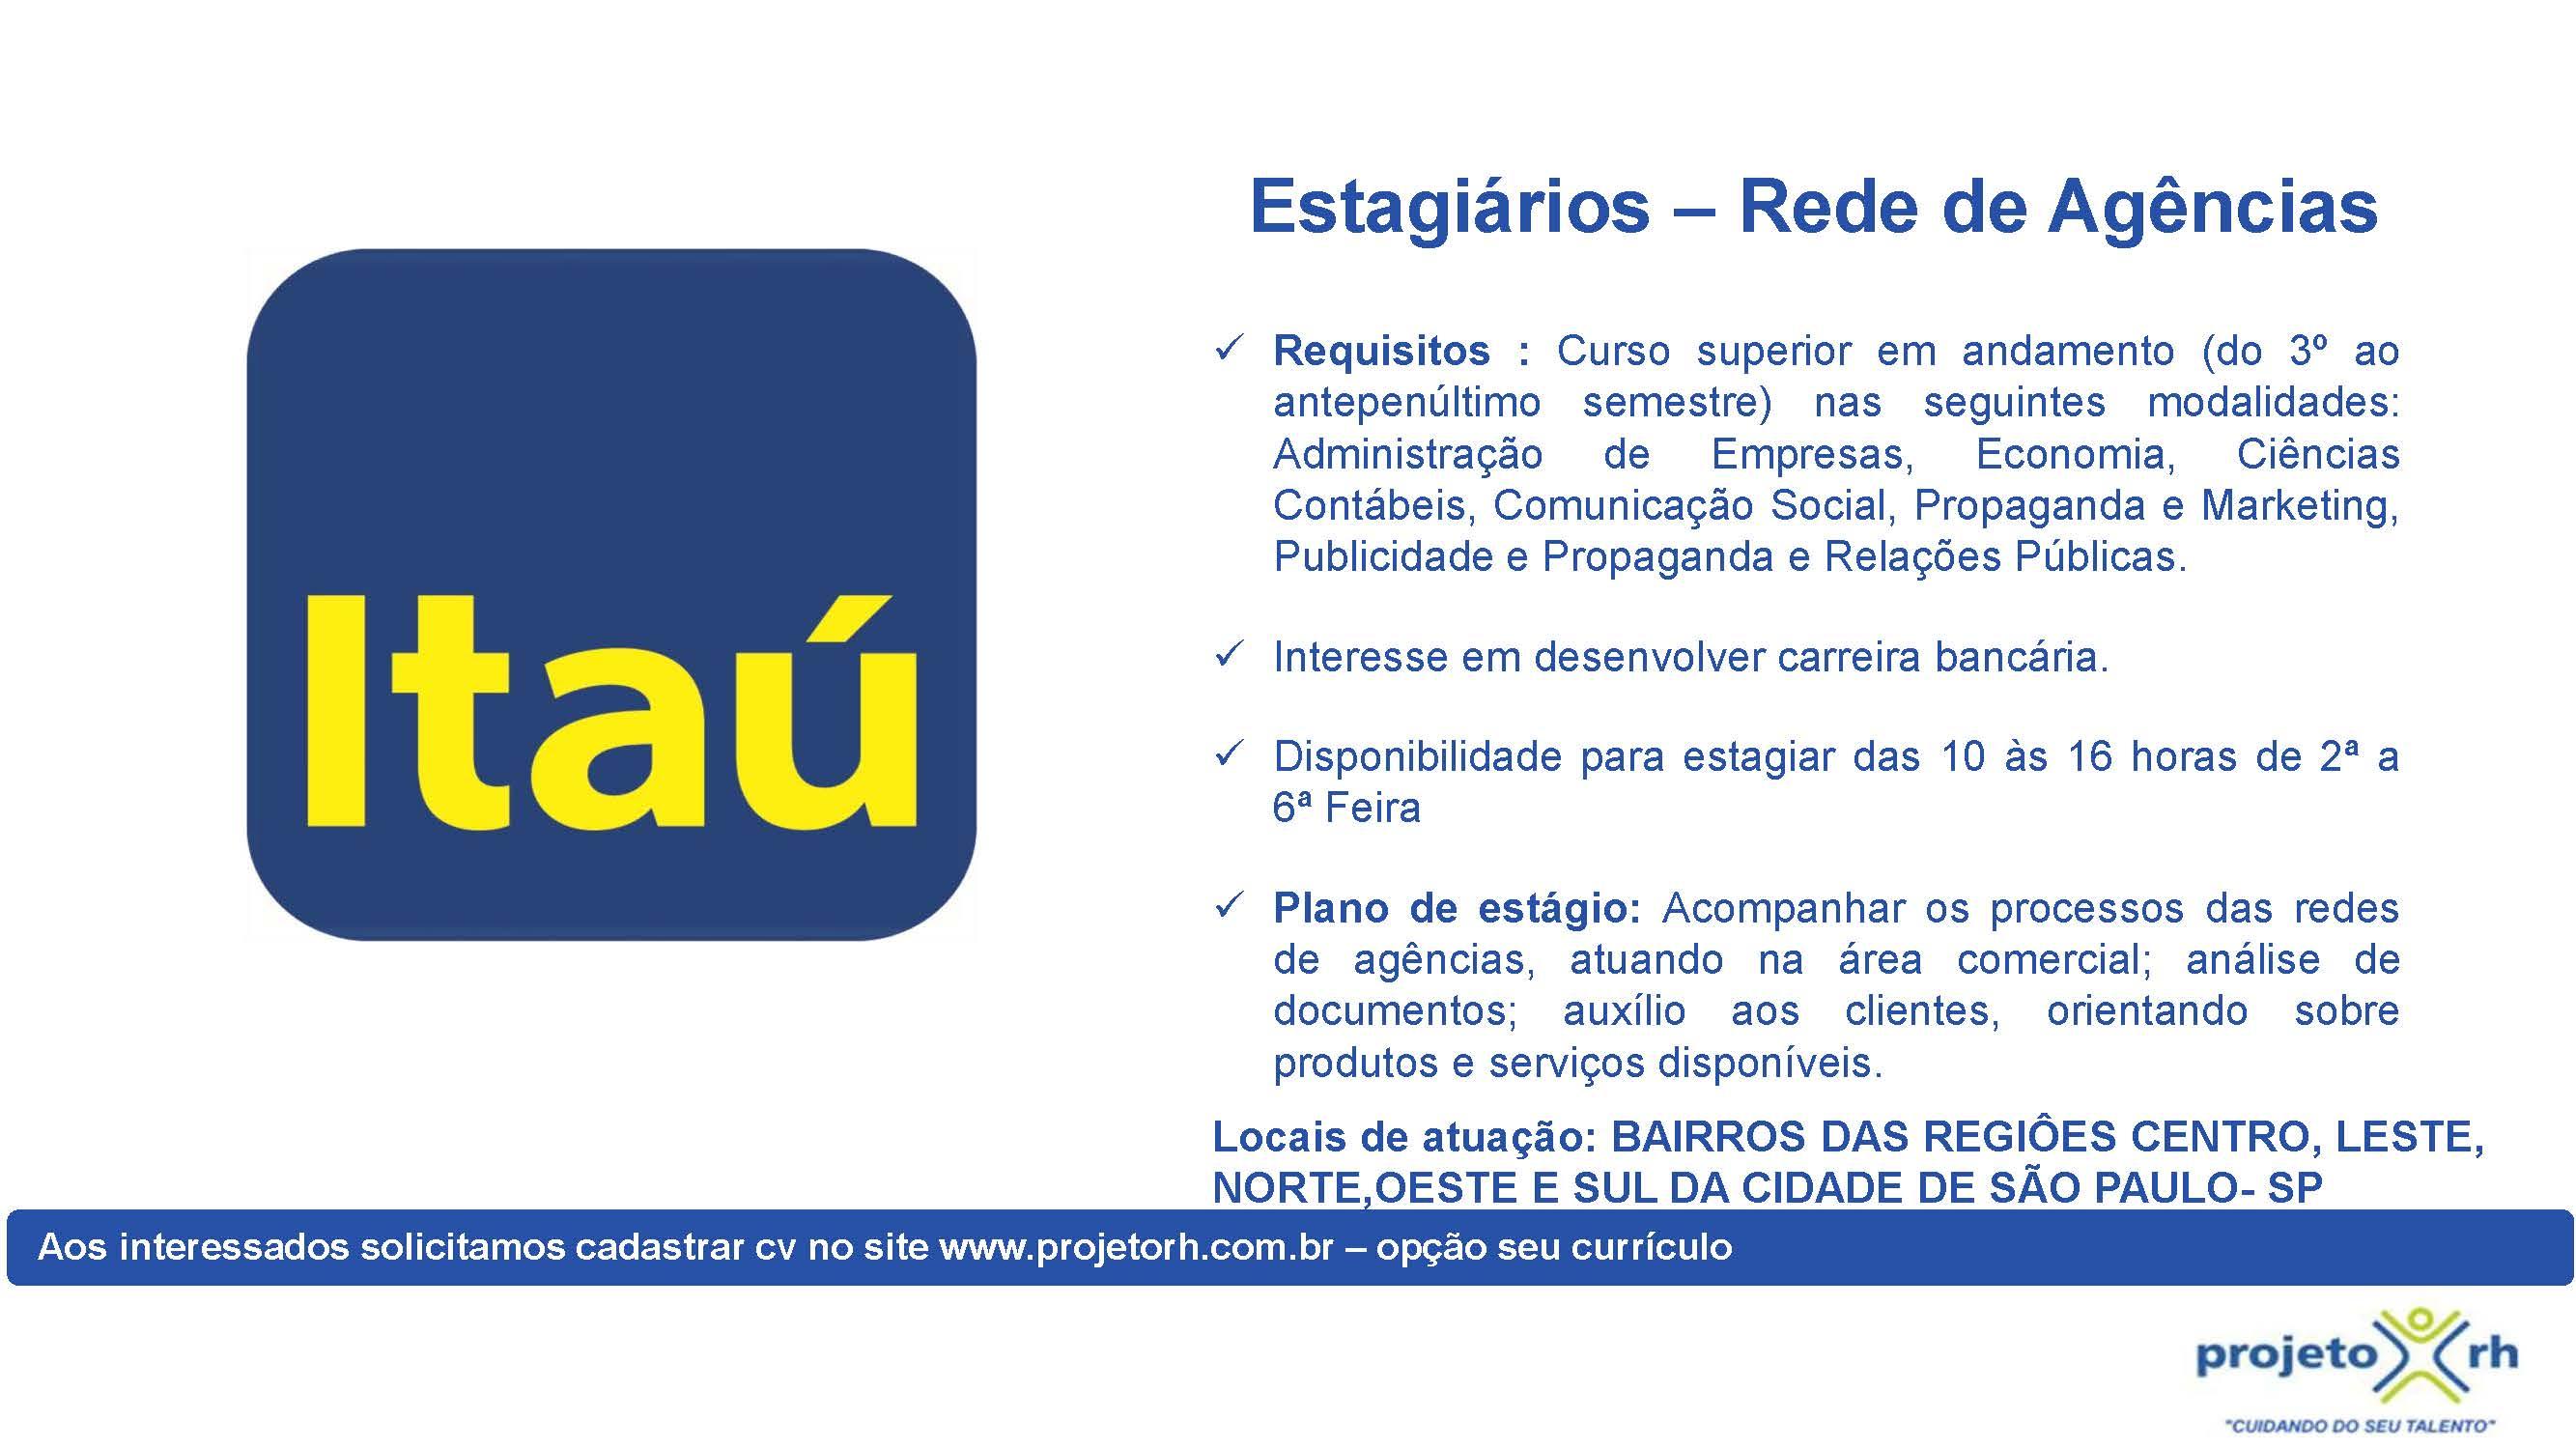 ESTAGIO -BAIRROS DAS REGIÕES CENTRO LESTE NORTE OESTE E SUL DA CIDADE DE SÃO PAULO-SP